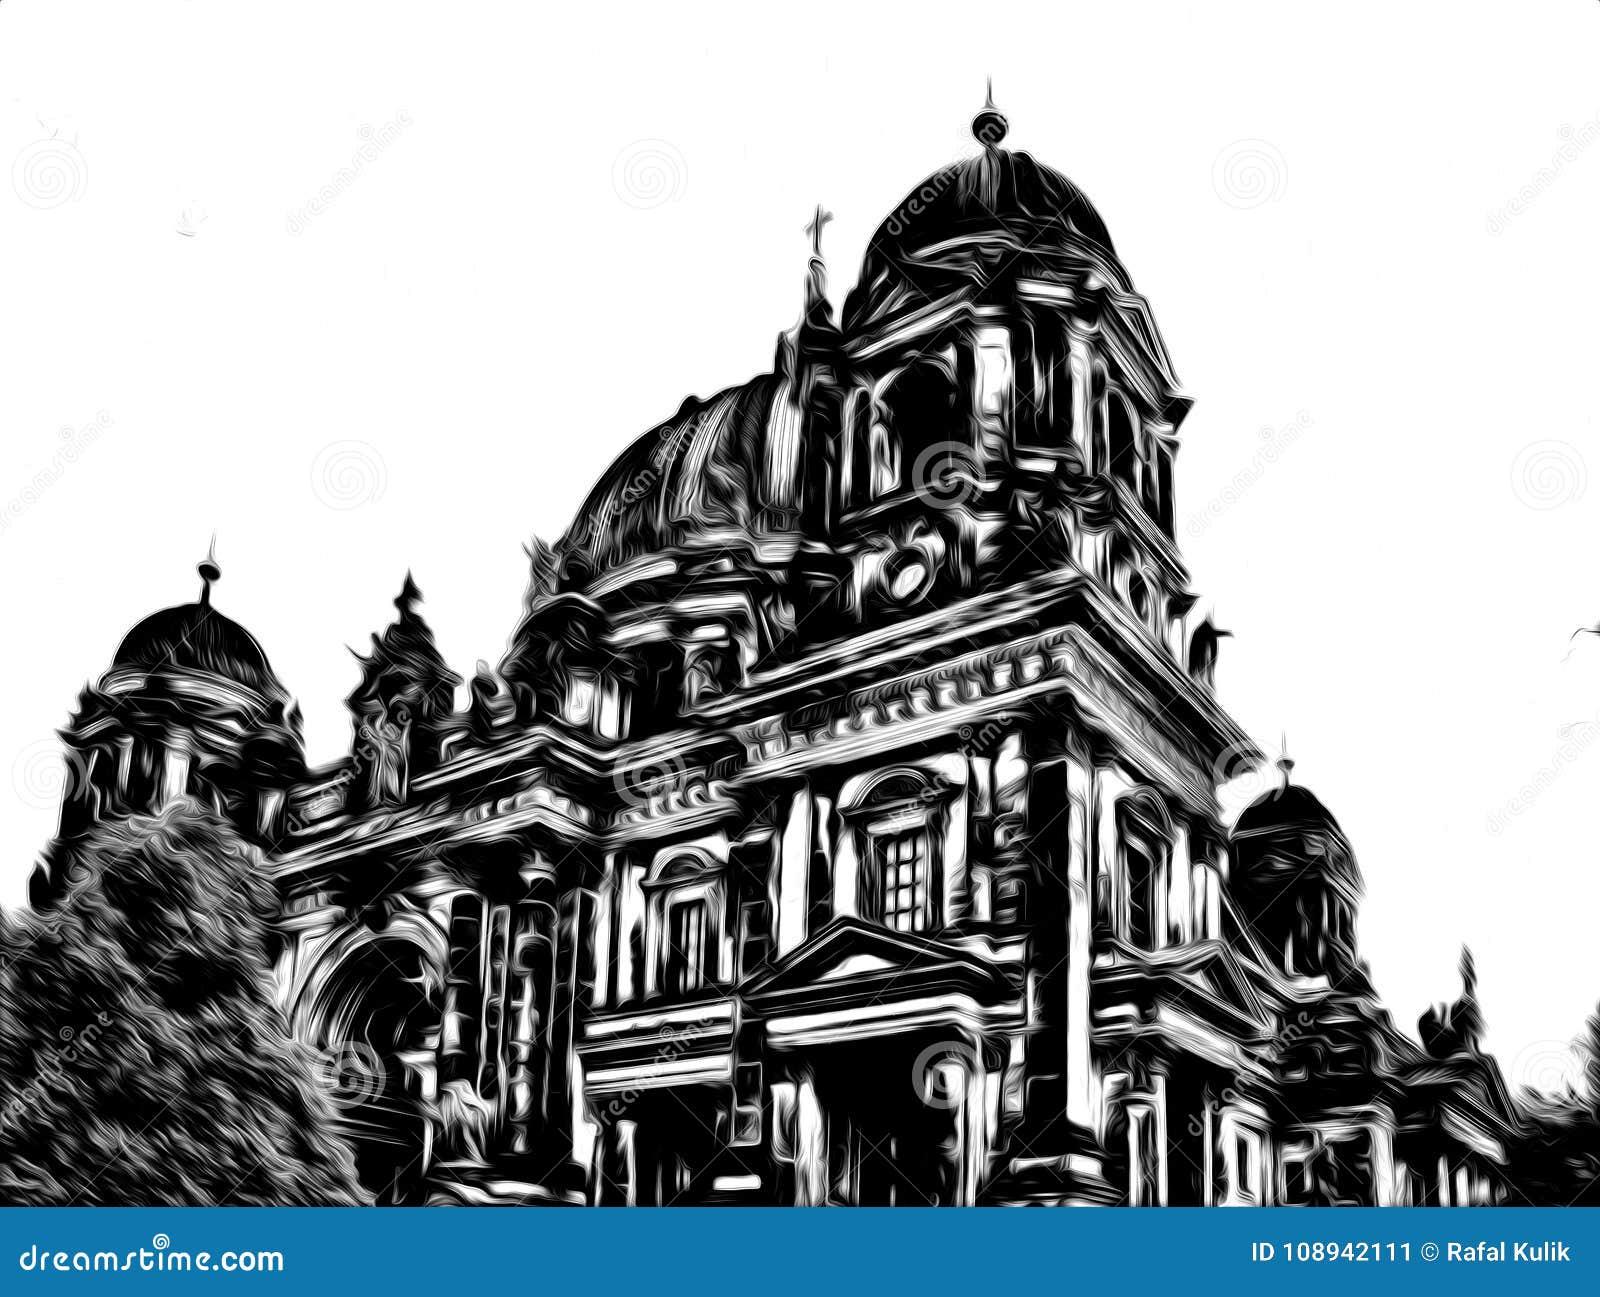 Berlin art design illustration black white